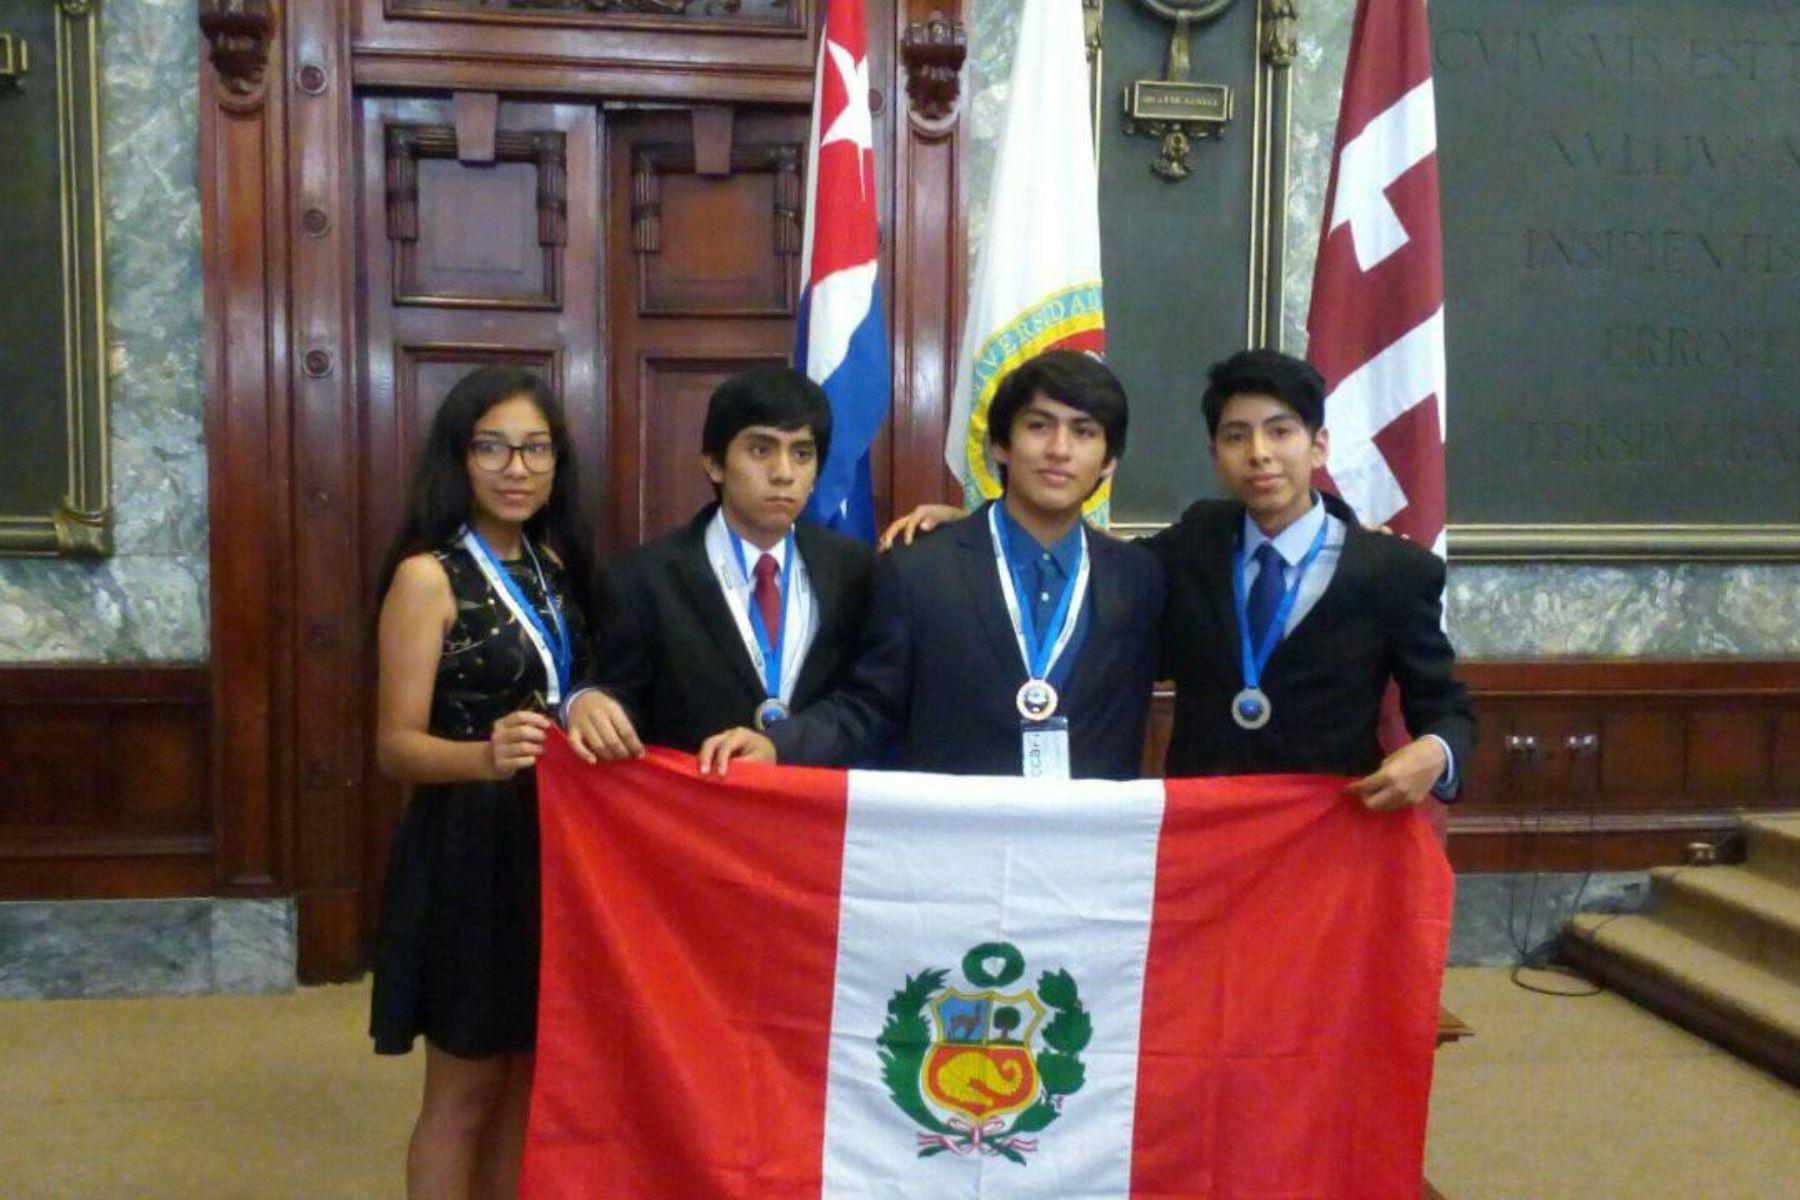 El equipo completo que representó al Perú en La Habana. Foto: Cortesía